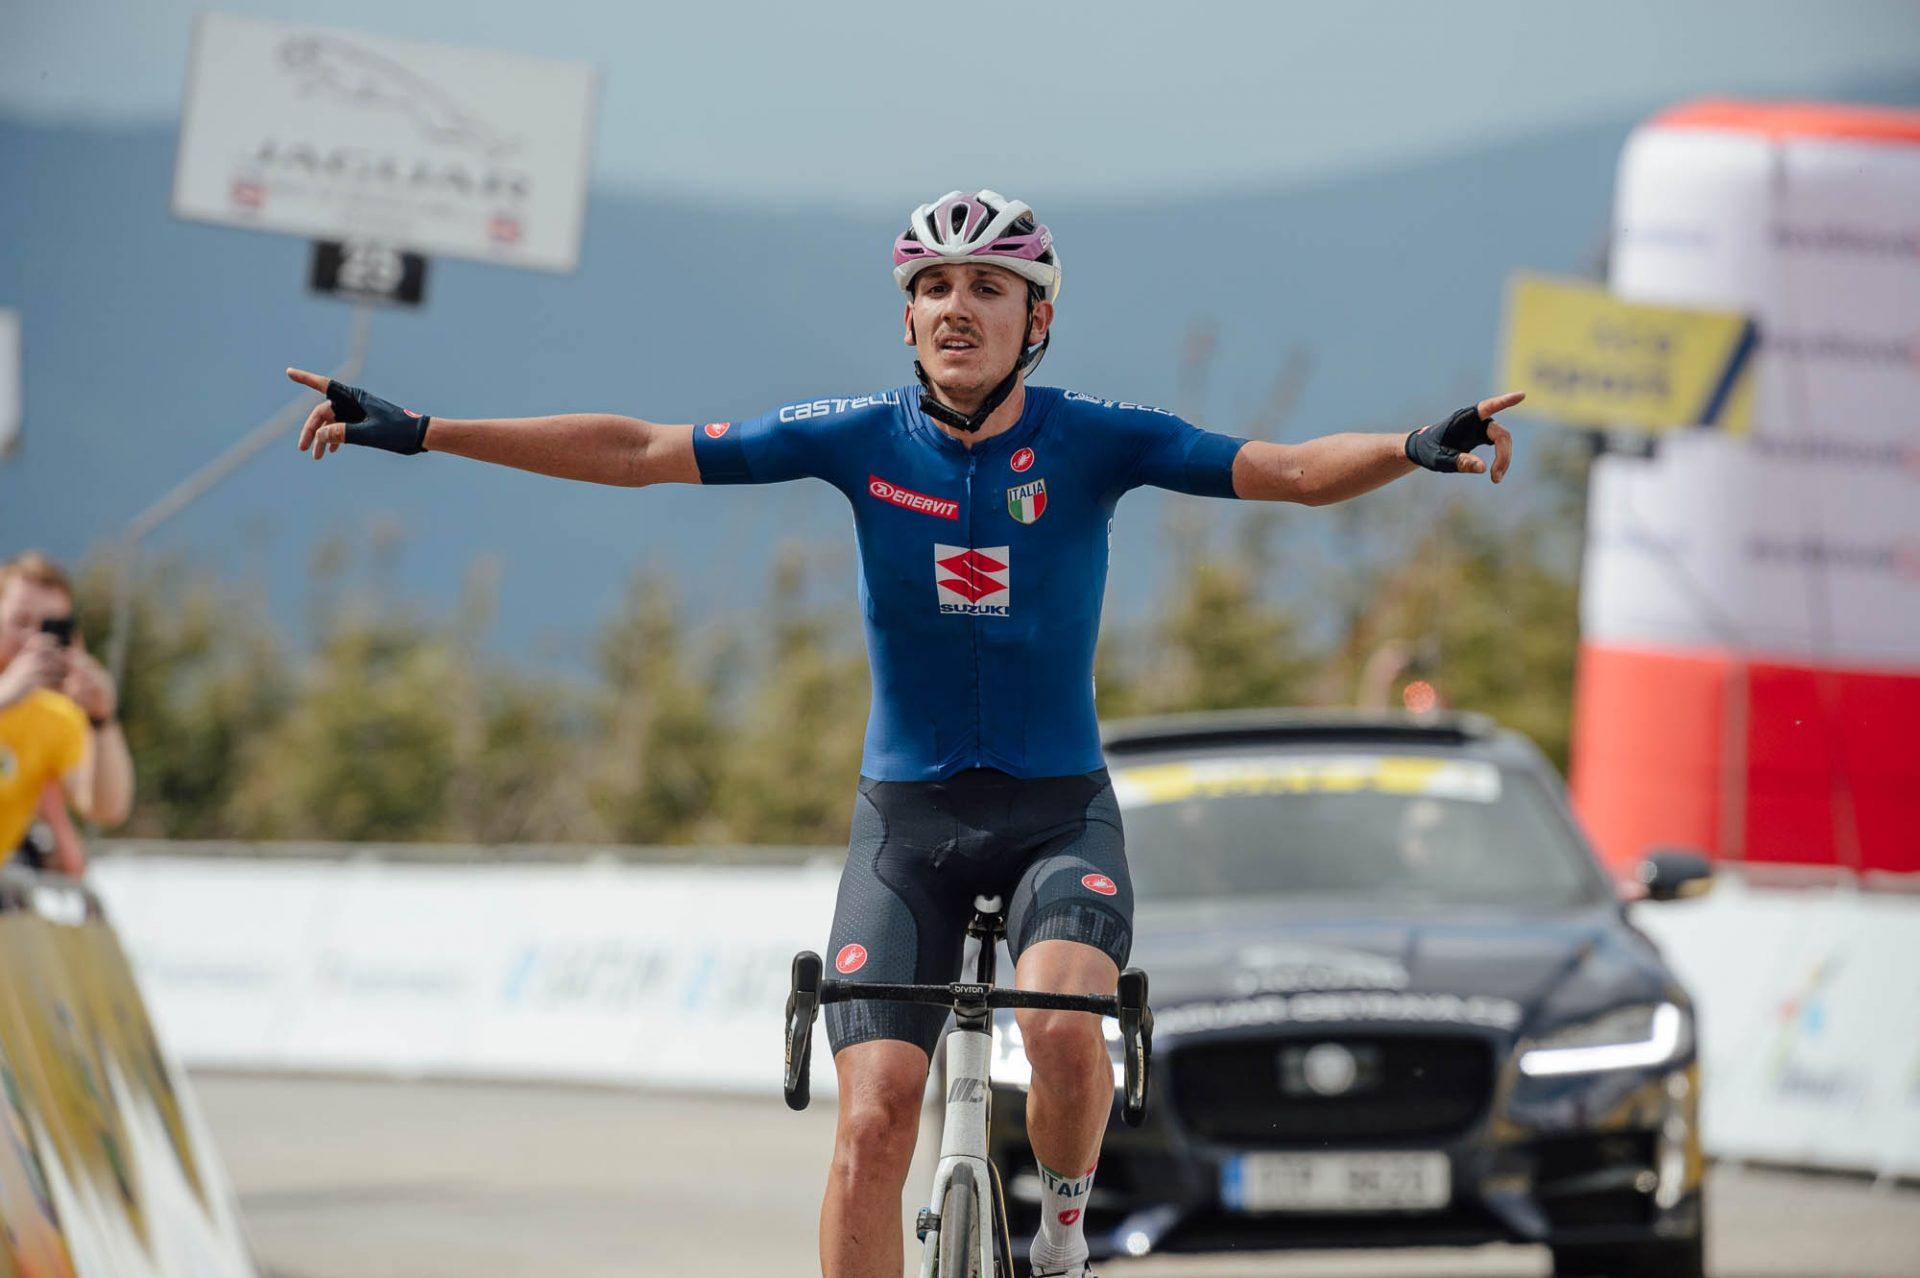 Ital Filippo Zana slaví triumf v královské etapě Závodu míru 2021 s dojezdem na Dlouhých stráních. Foto: Jan Brychta